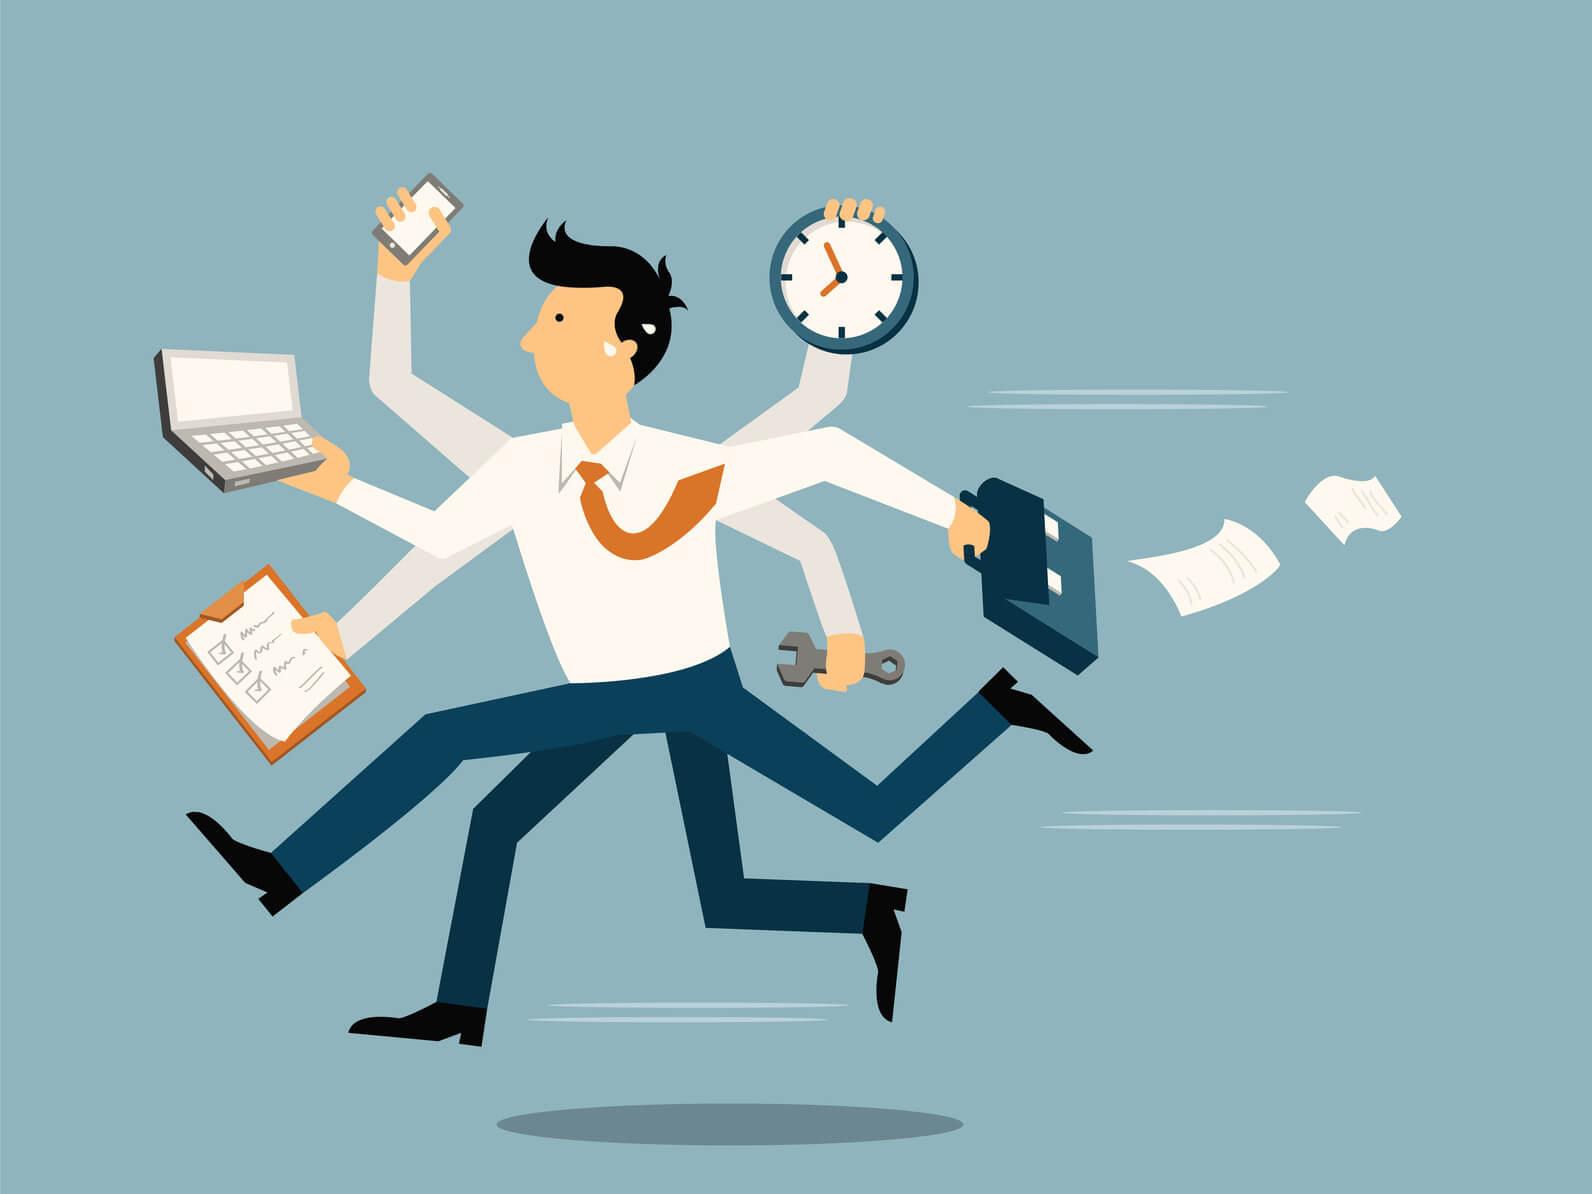 طراح ارائه-مدیریت وقت